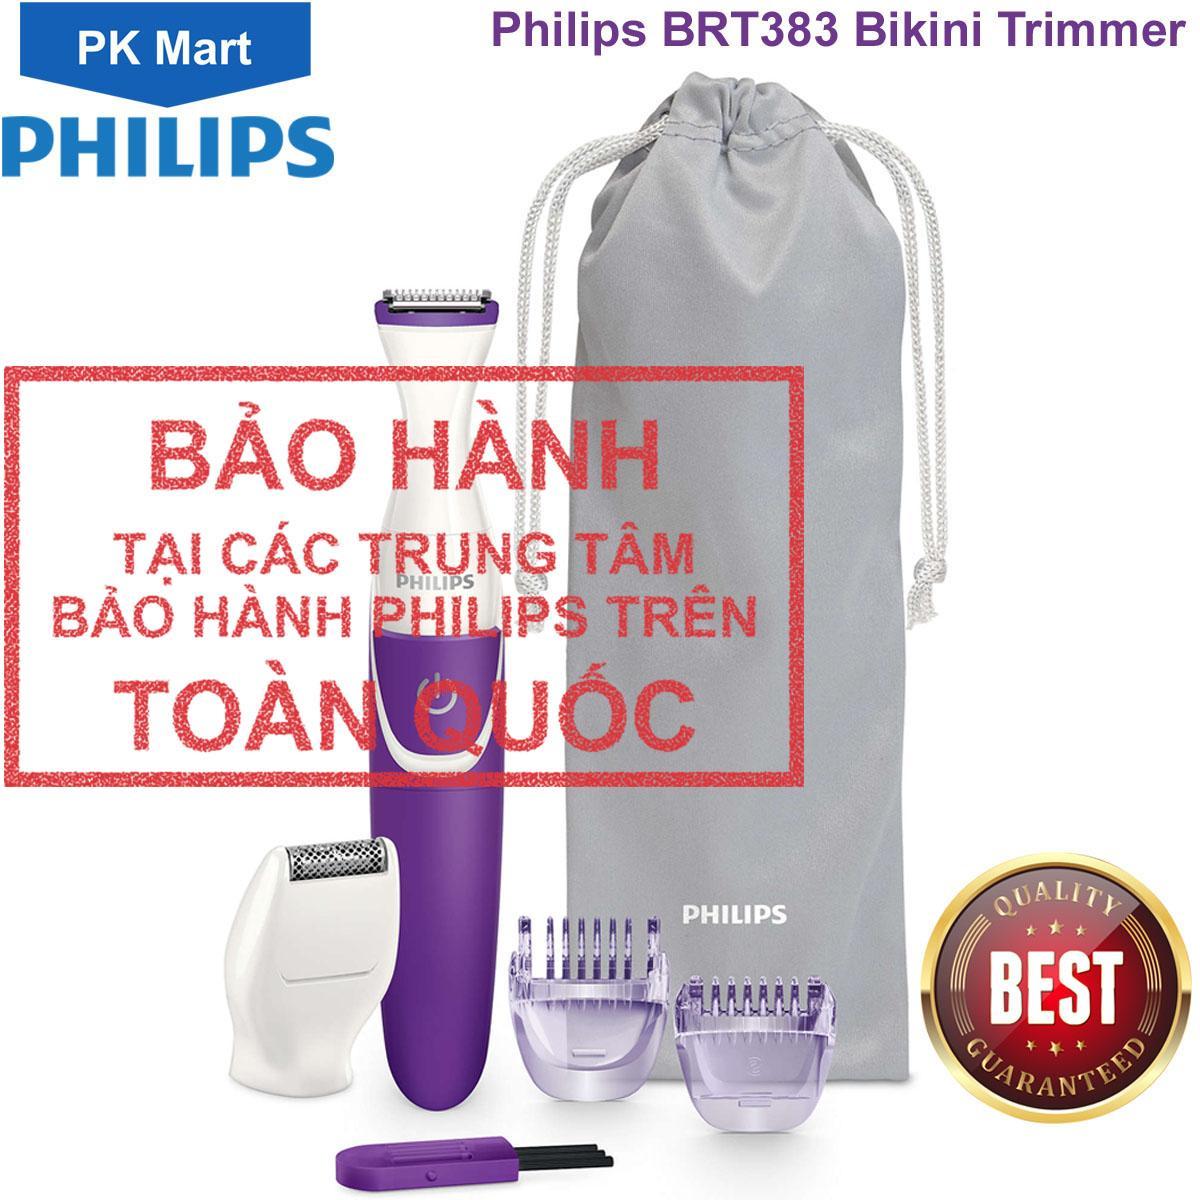 Máy làm sạch lông vùng kín phụ nữ Philips BRT383 nhập khẩu